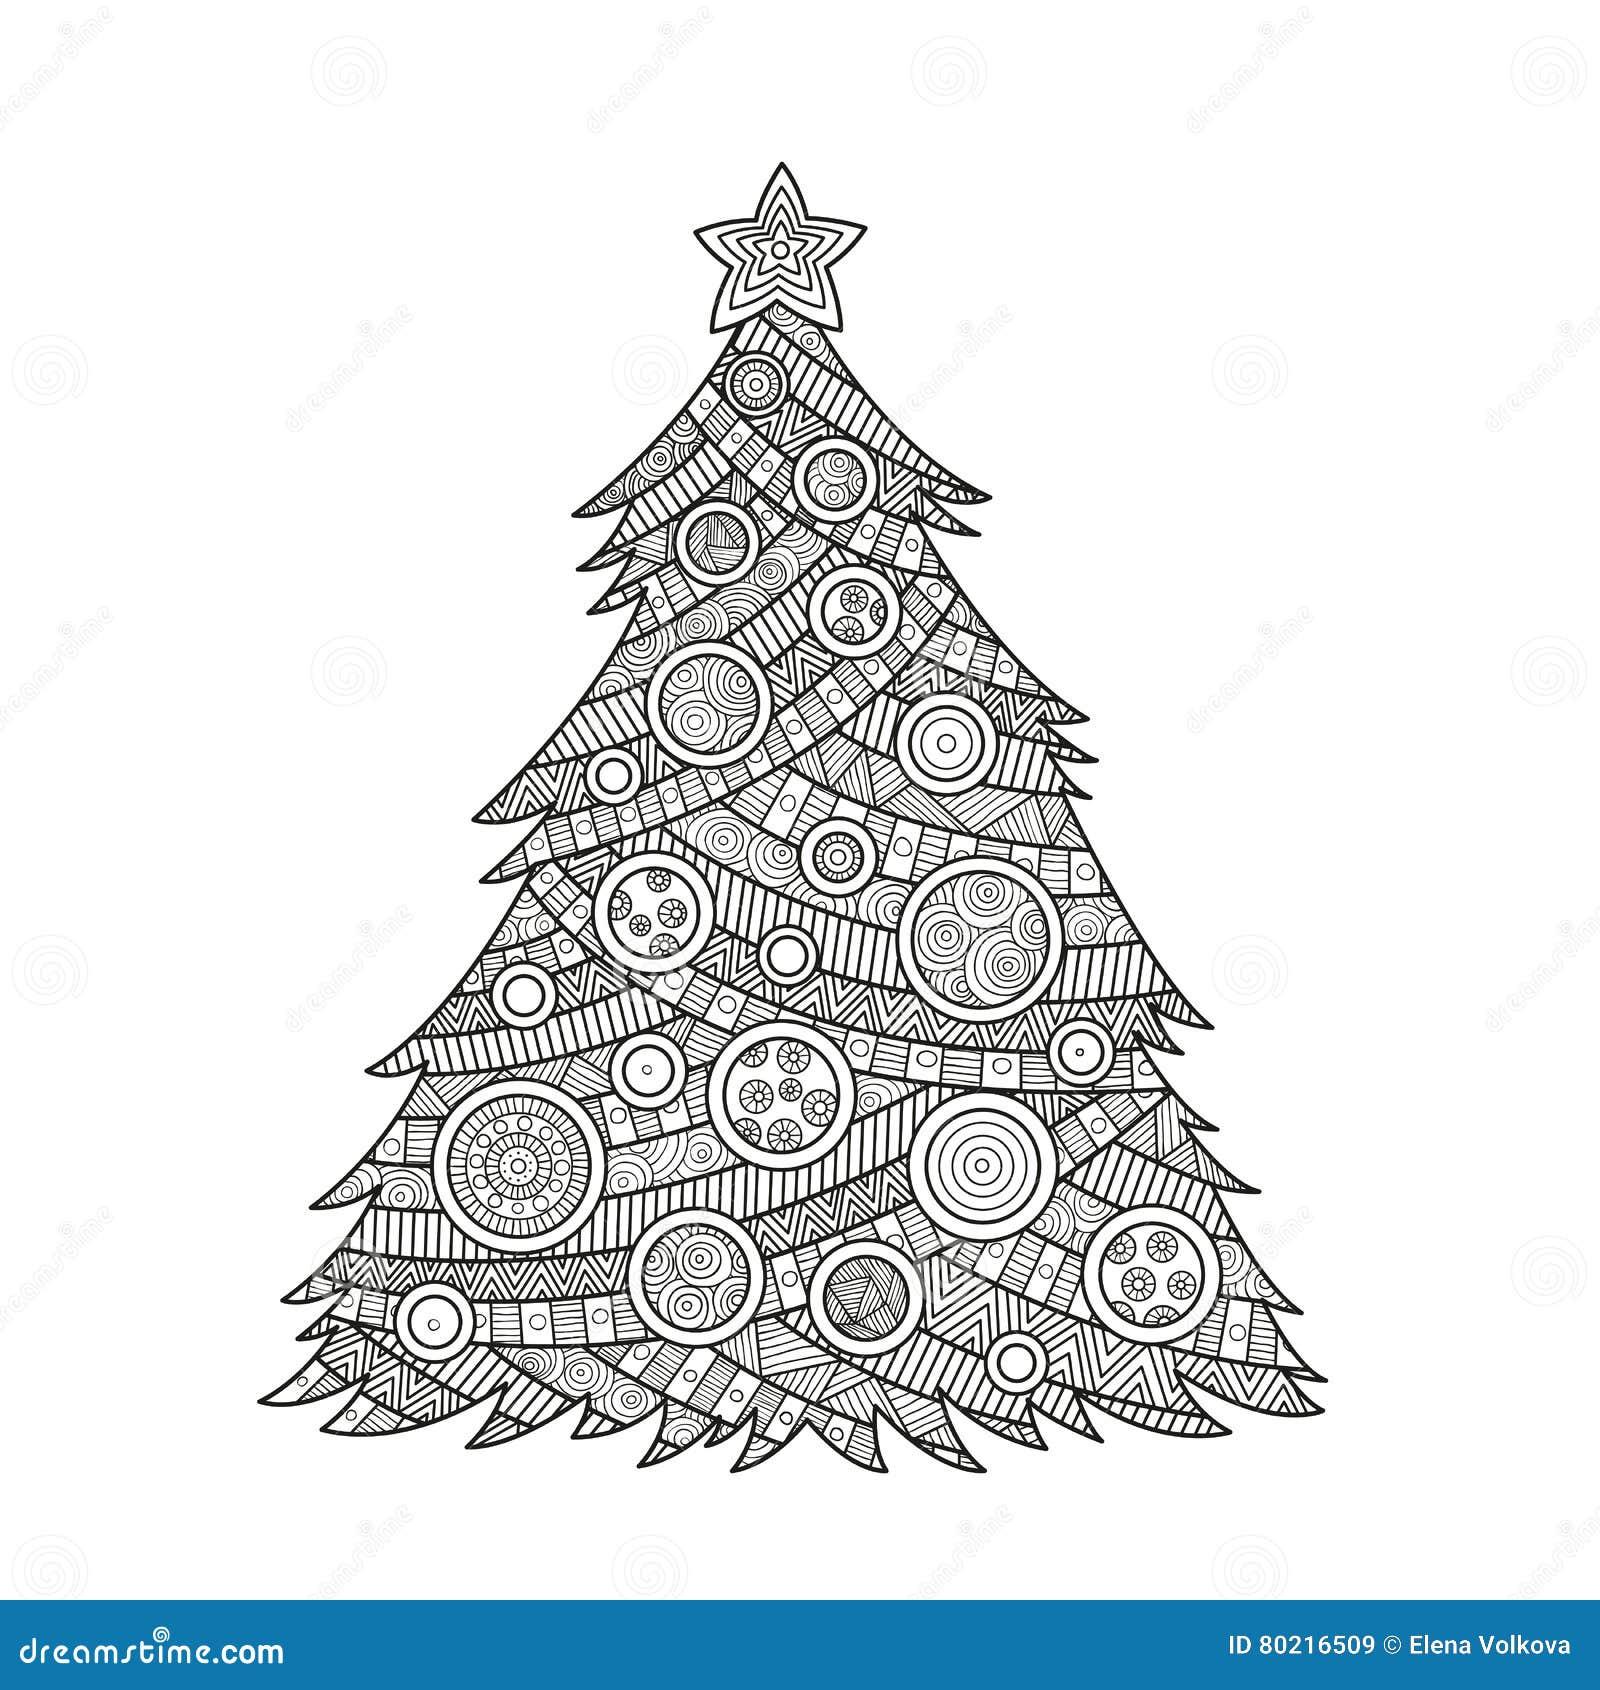 Disegni Di Natale Da Colorare Per Adulti.Coloritura Per L Albero Di Natale Degli Adulti Illustrazione Vettoriale Illustrazione Di Sfera Pagina 80216509